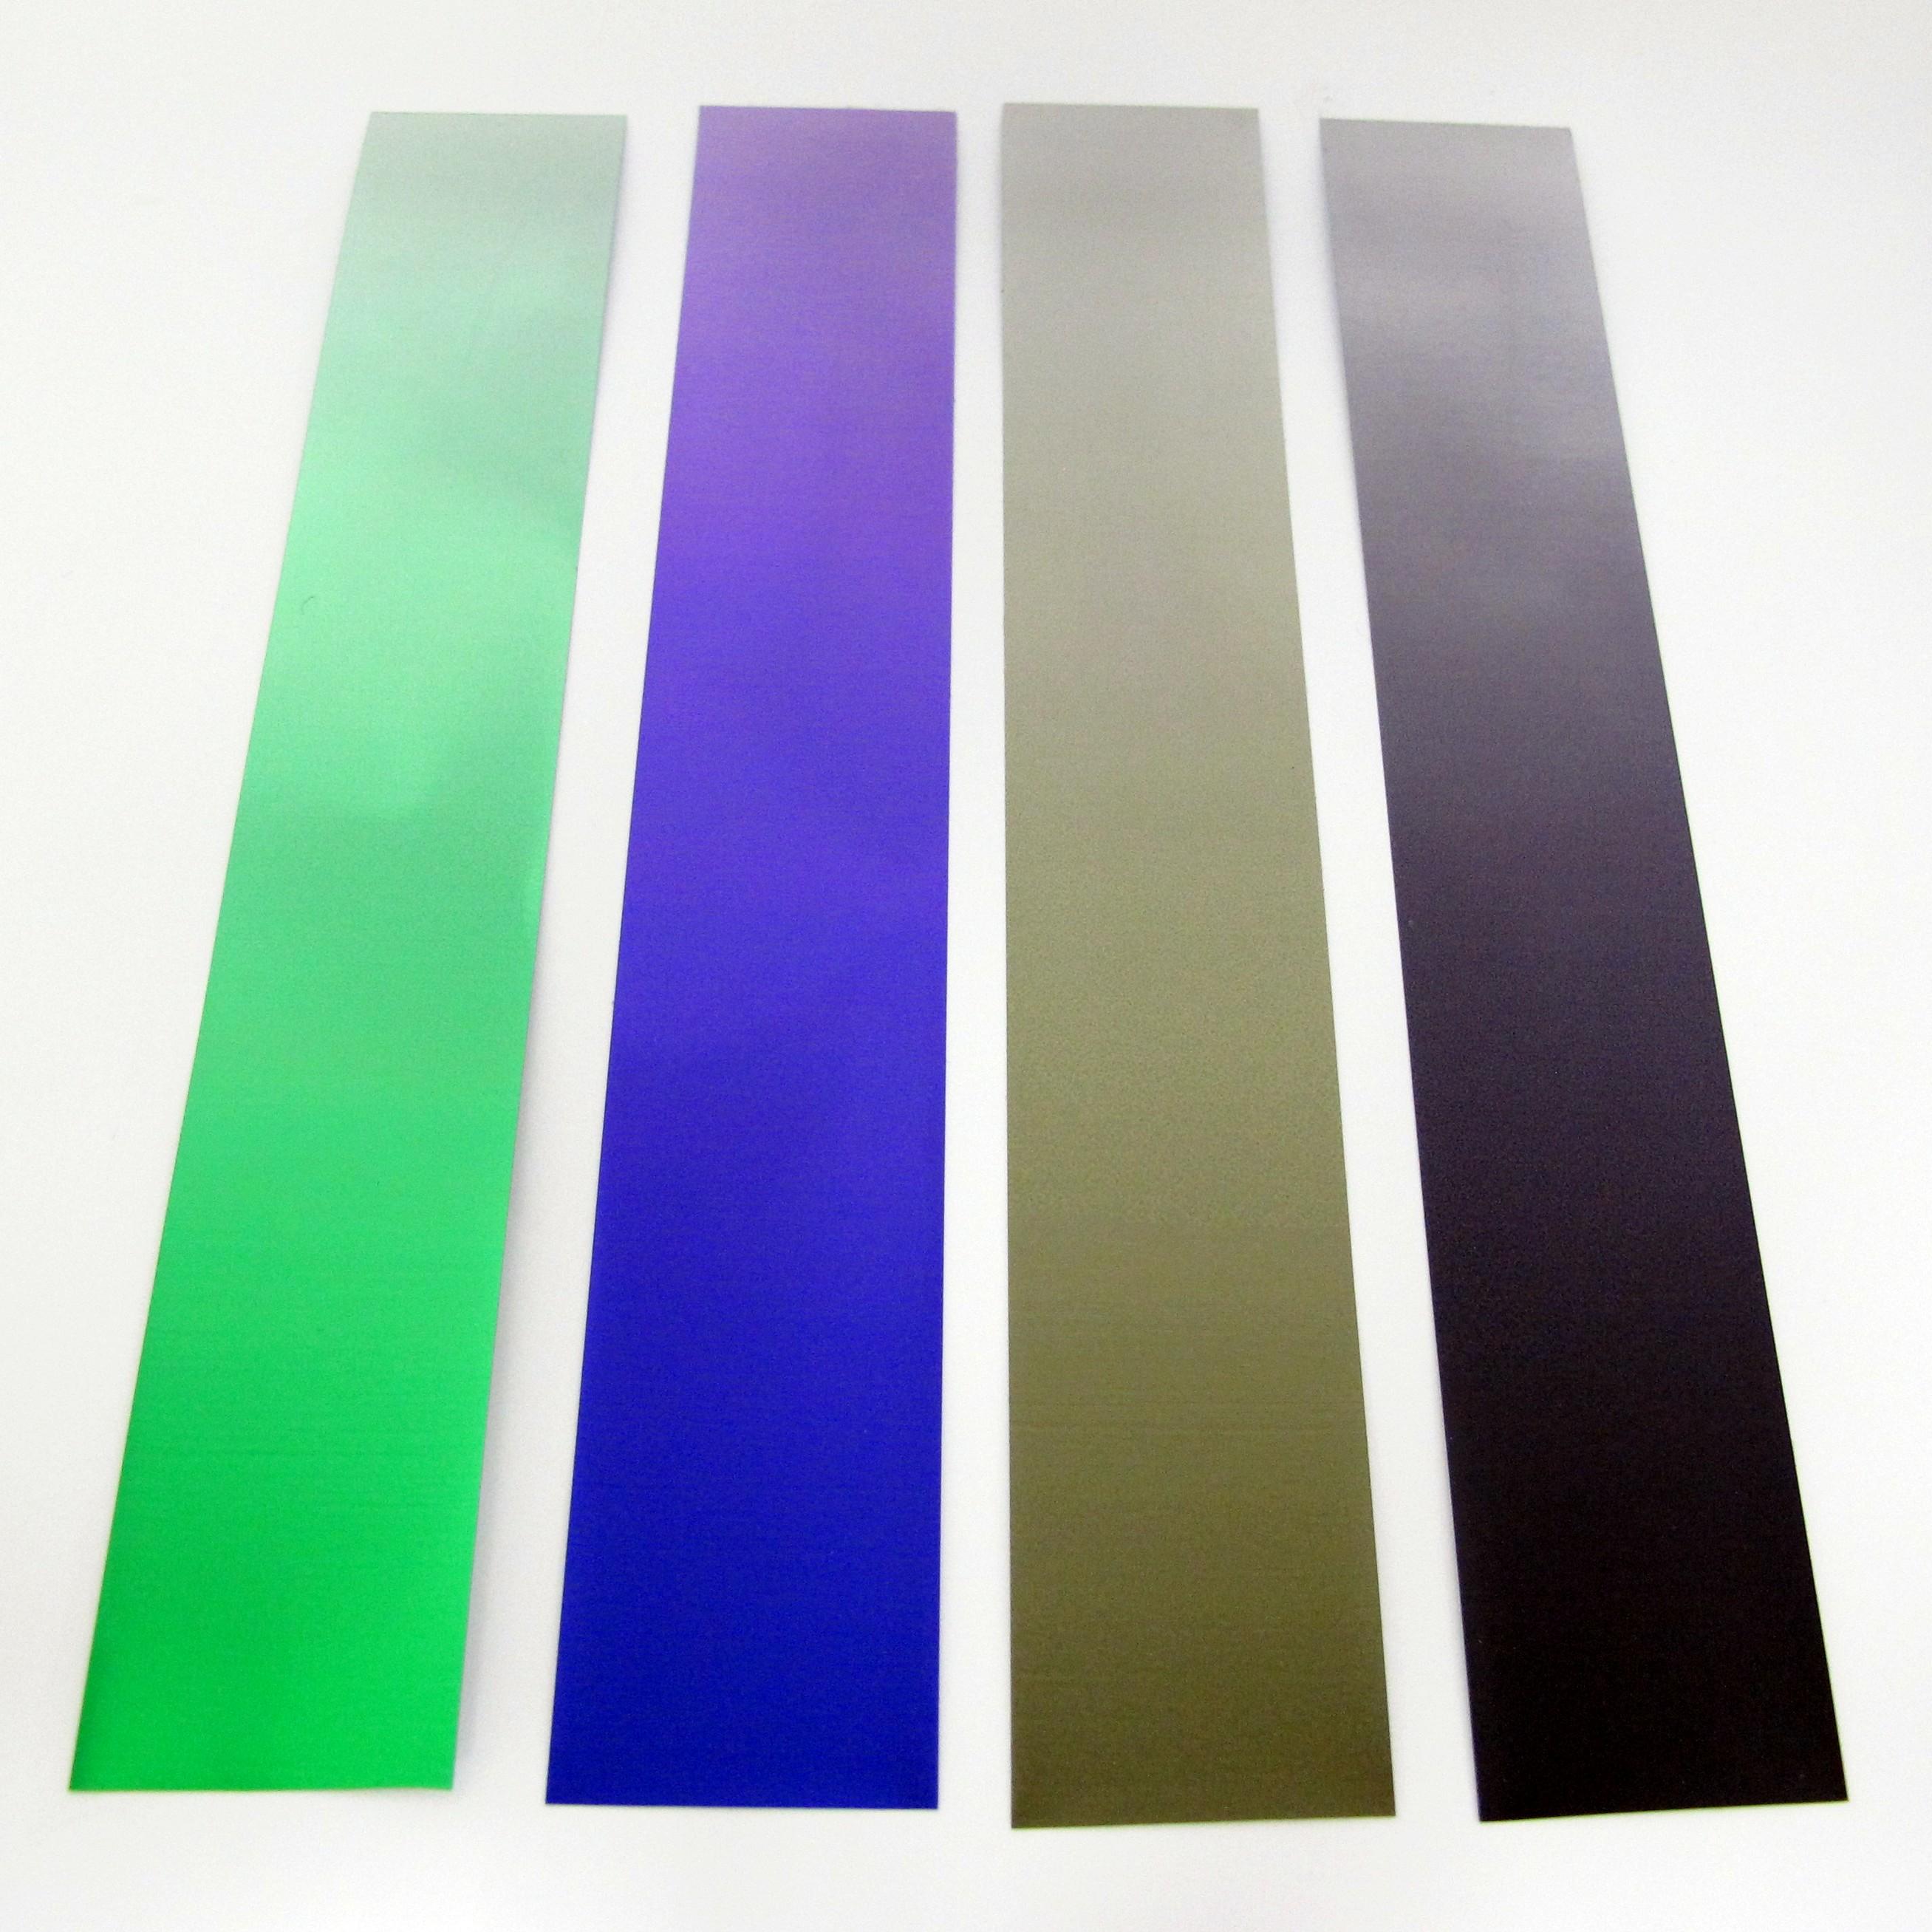 оконная пленка Top Tint Gradeation S705-1M - Градация солнцезащитной пленки S705-1M